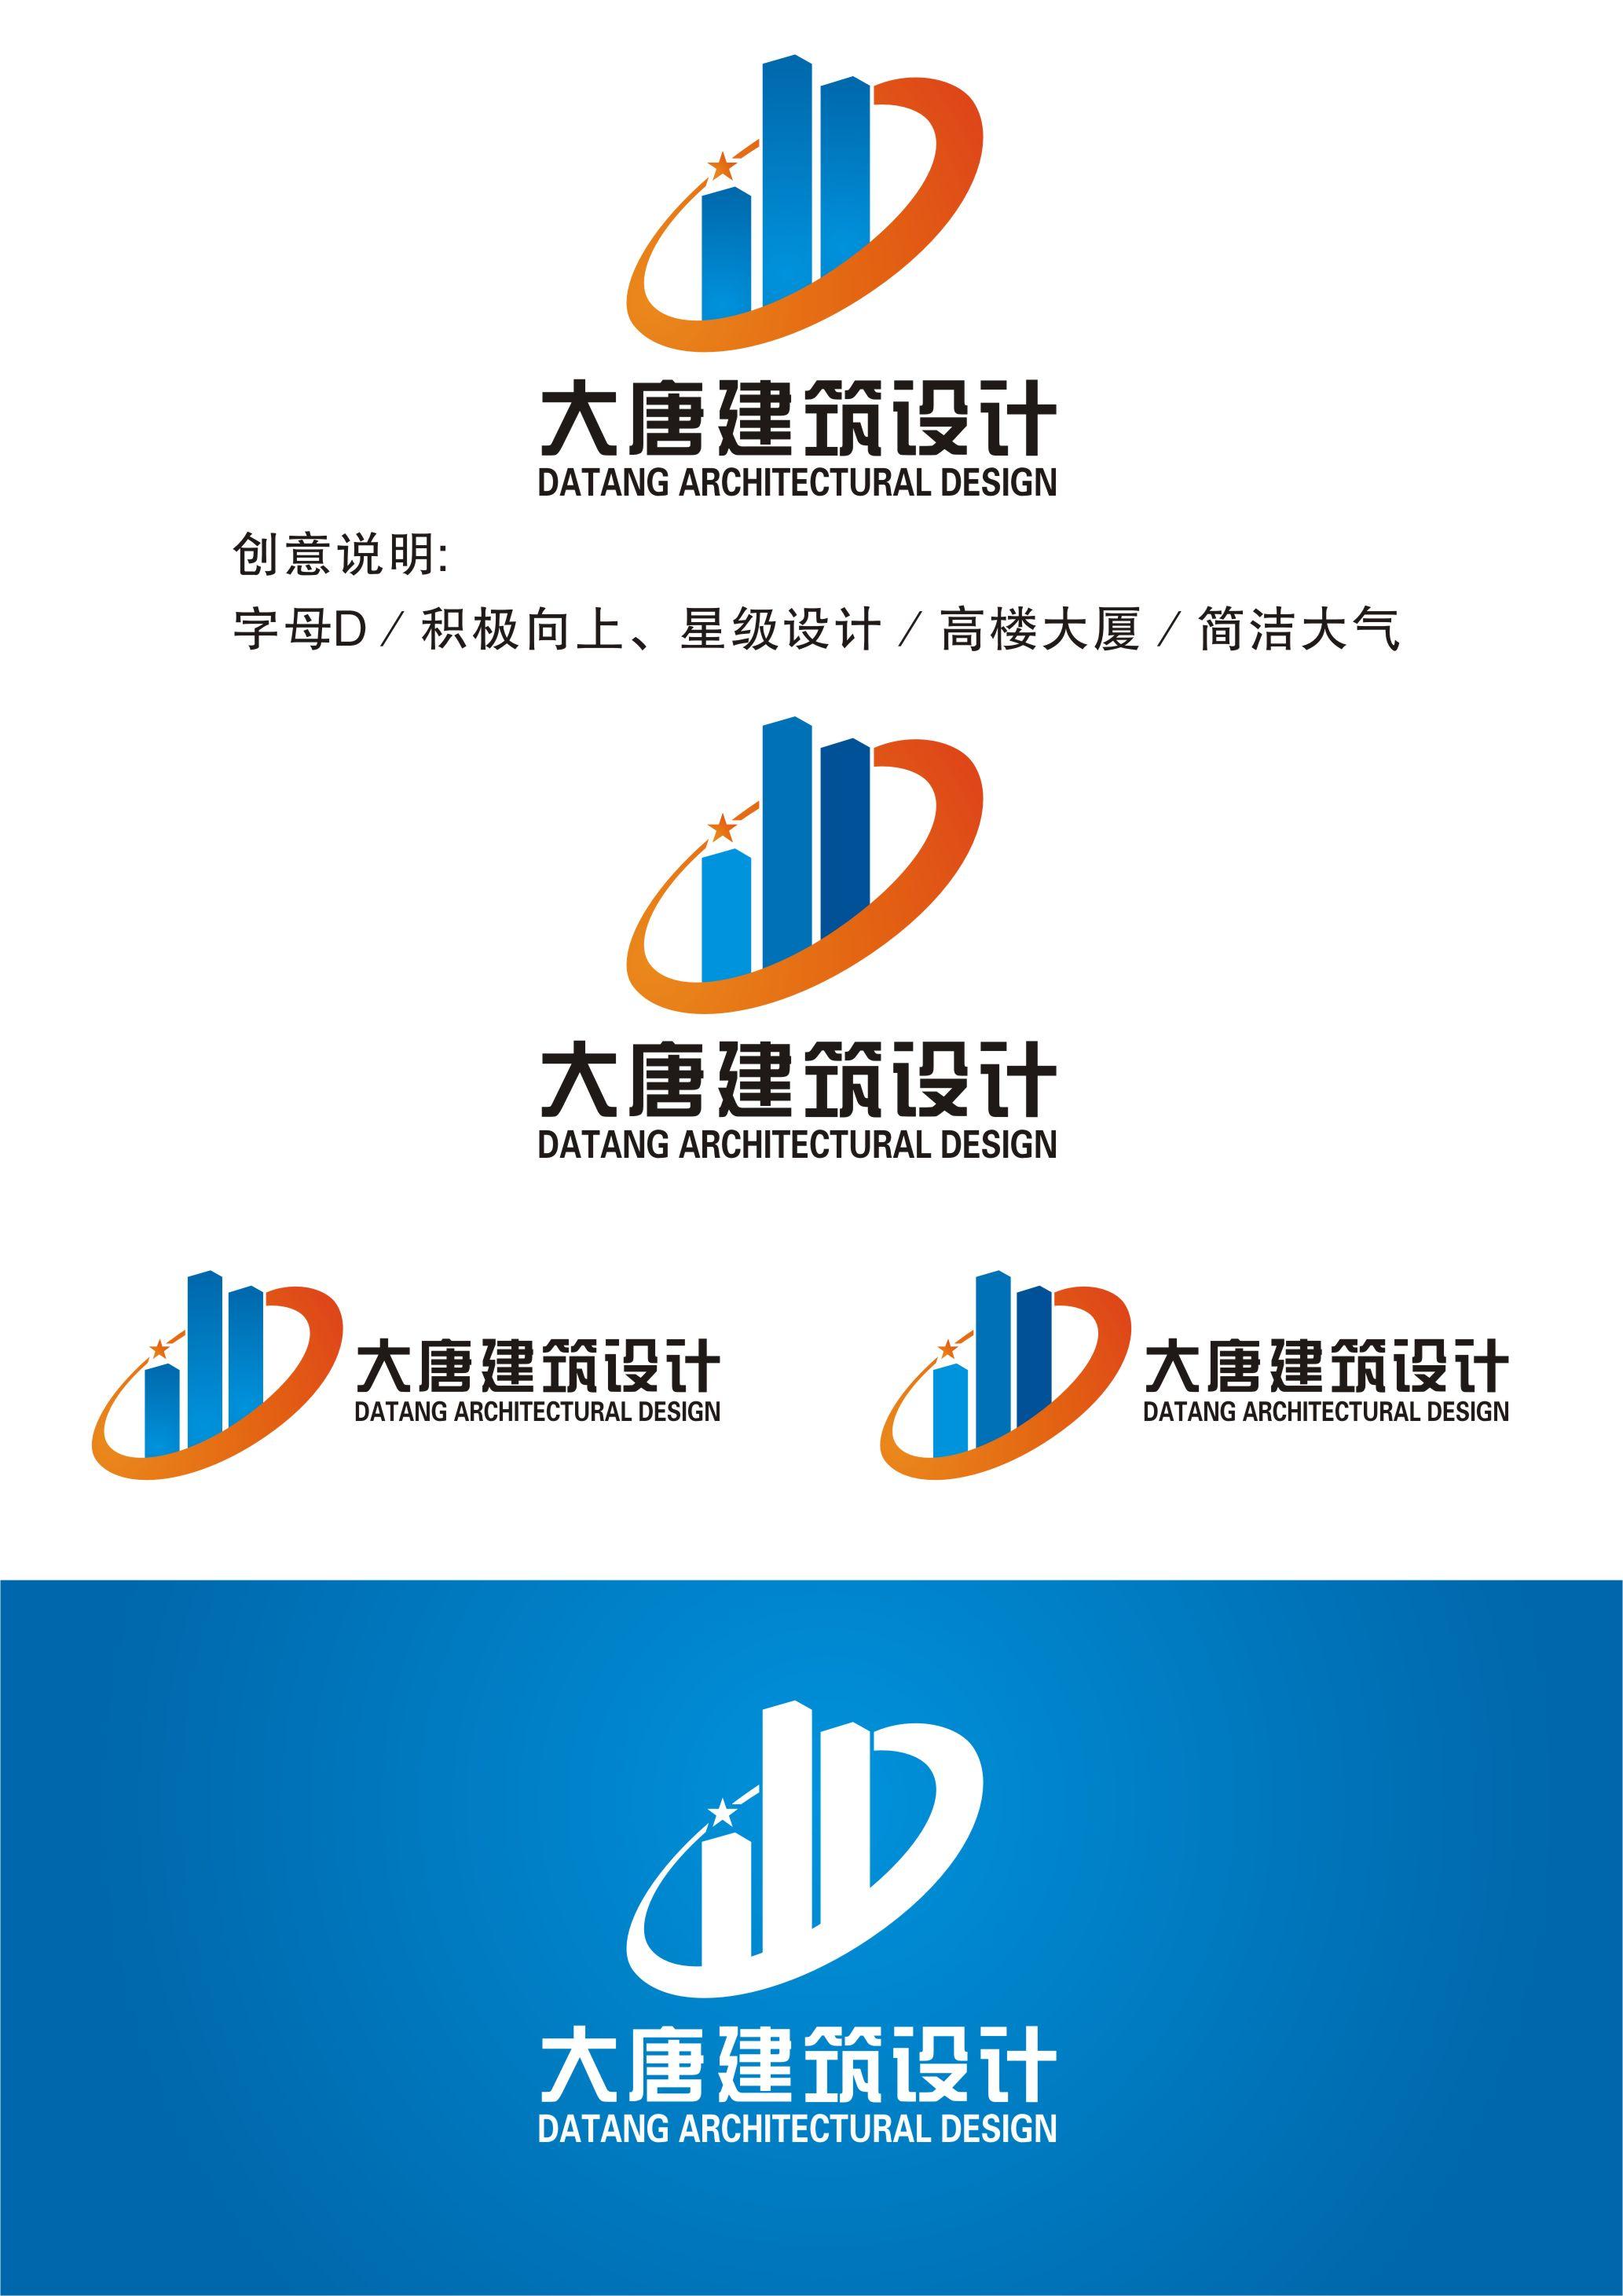 任务内容: 一.项目设计概况: 1. 项目名称:南京大唐建筑设计有限公司LOGO设计,名片,纸袋设计。 2. 公司中文名称:南京大唐建筑设计有限公司 英文名称:Nanjing Datang Architectural Design Co., Ltd. 公司简介:公司是一家从事:建筑(与工程)设计,规划设计,景观设计,的综合设计公司。 二.设计要求: 1. 设计稳重大气,简洁庄重,视觉冲击力强;要有现代感,结合建筑,景观,规划,设计公司的特点,易于识别记忆,便于推广,标志可含字母、图案、寓意深刻。 2.